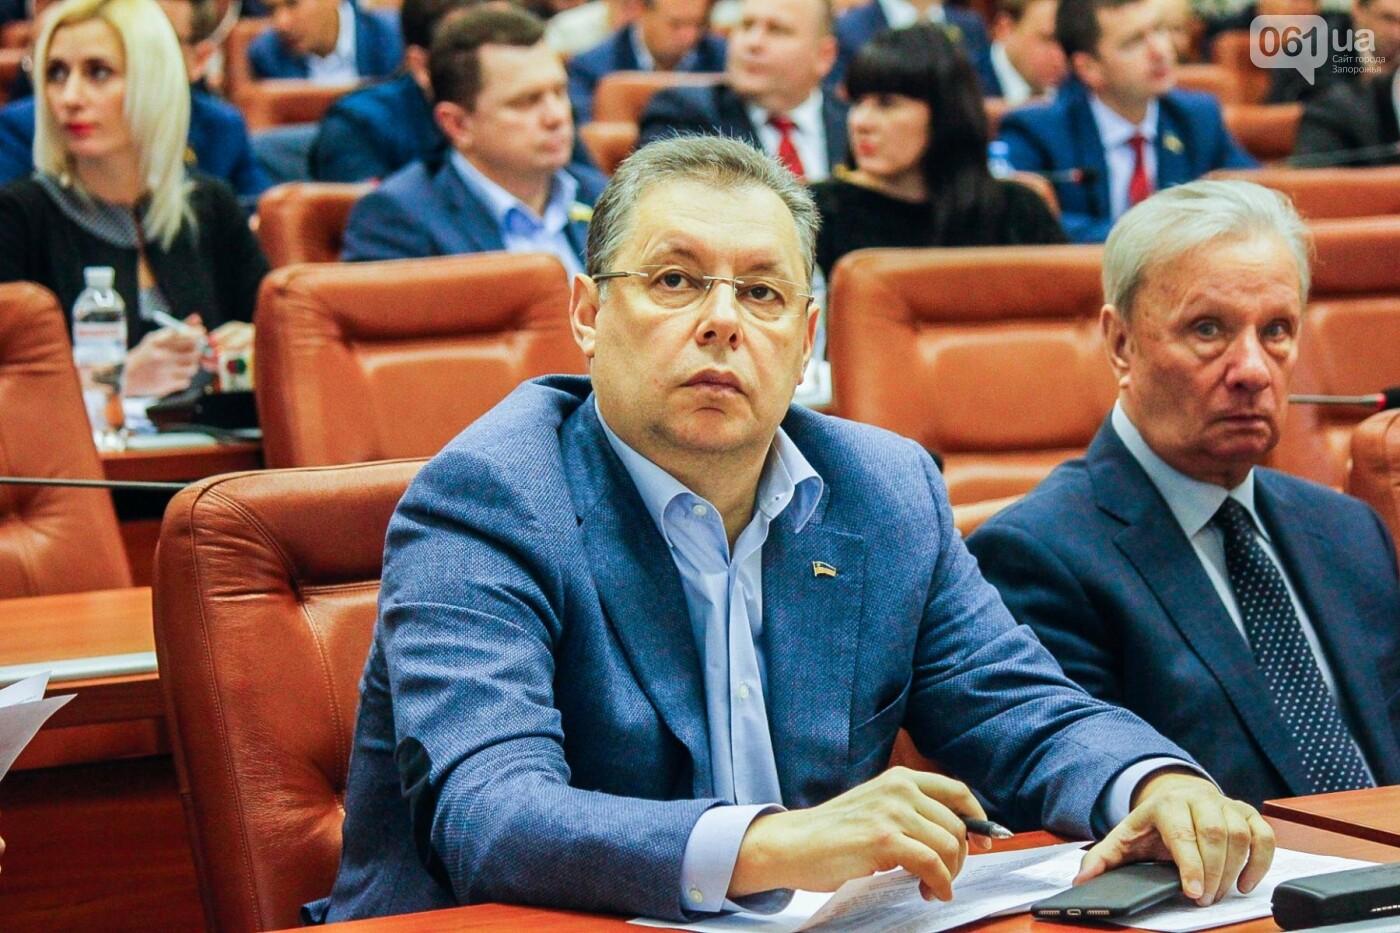 Сессия запорожского горсовета в лицах, - ФОТОРЕПОРТАЖ, фото-68